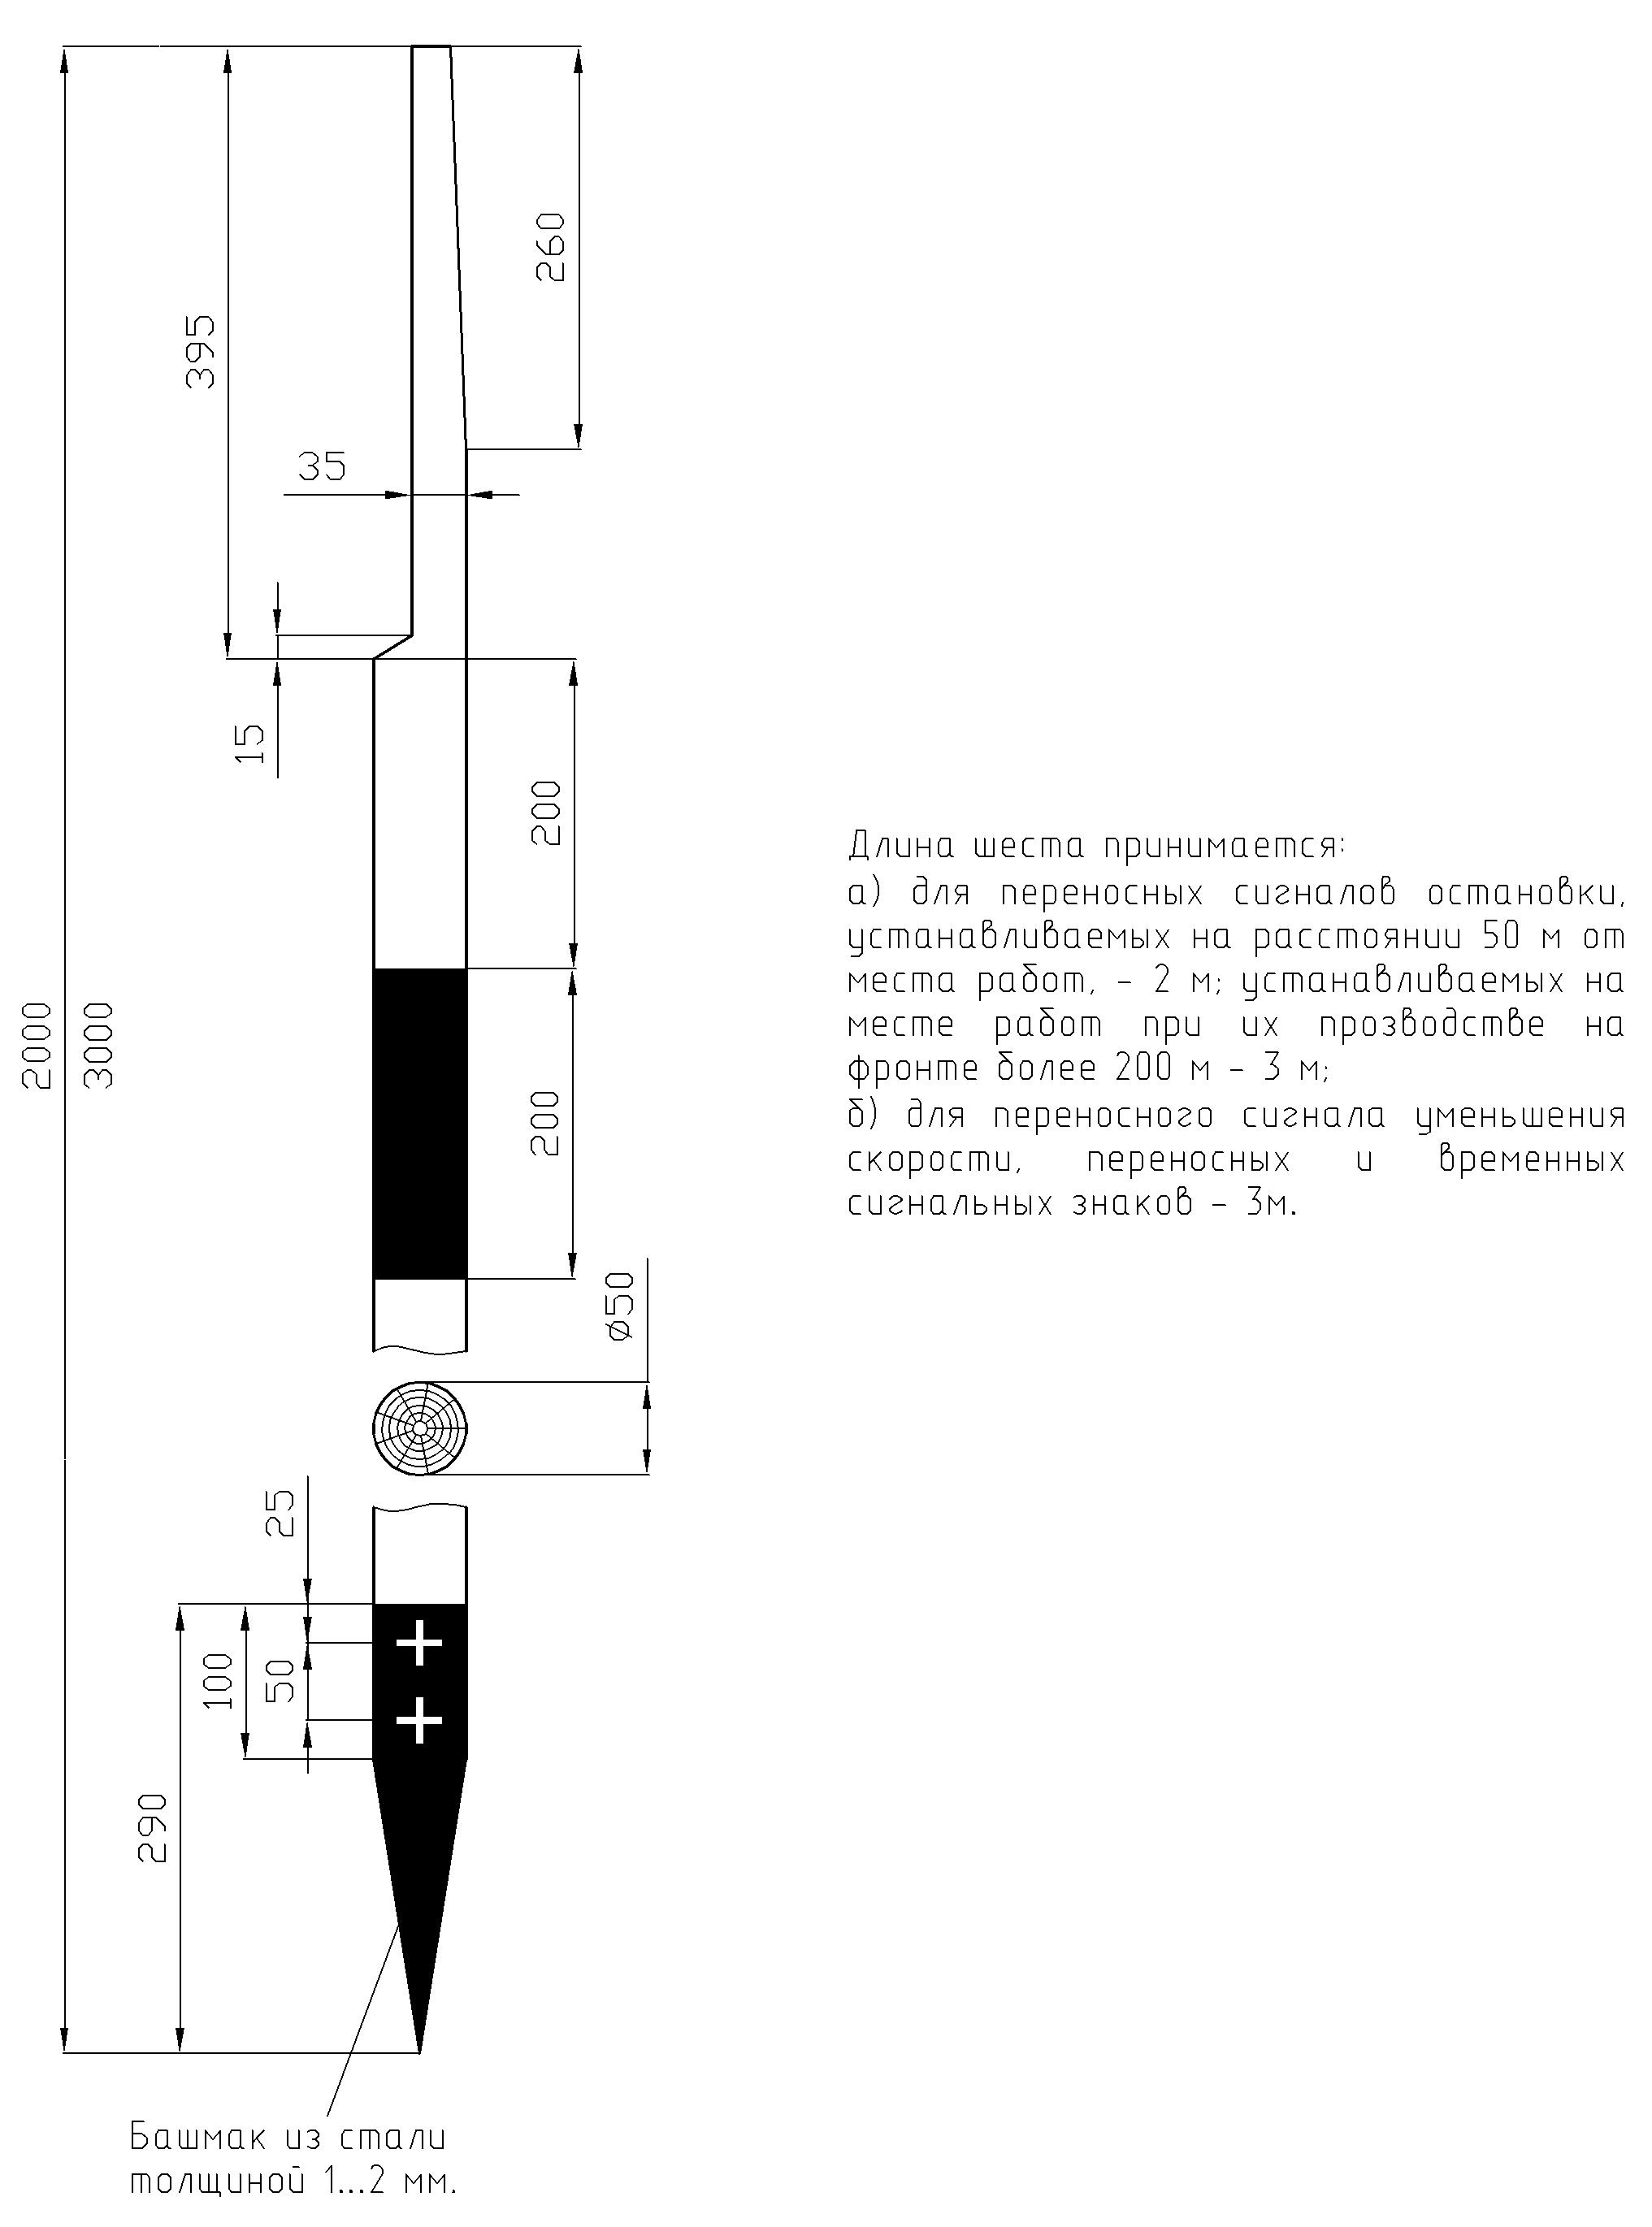 Рисунок 73. Шест деревянный к переносным сигналам, переносным и временным сигнальным знакам